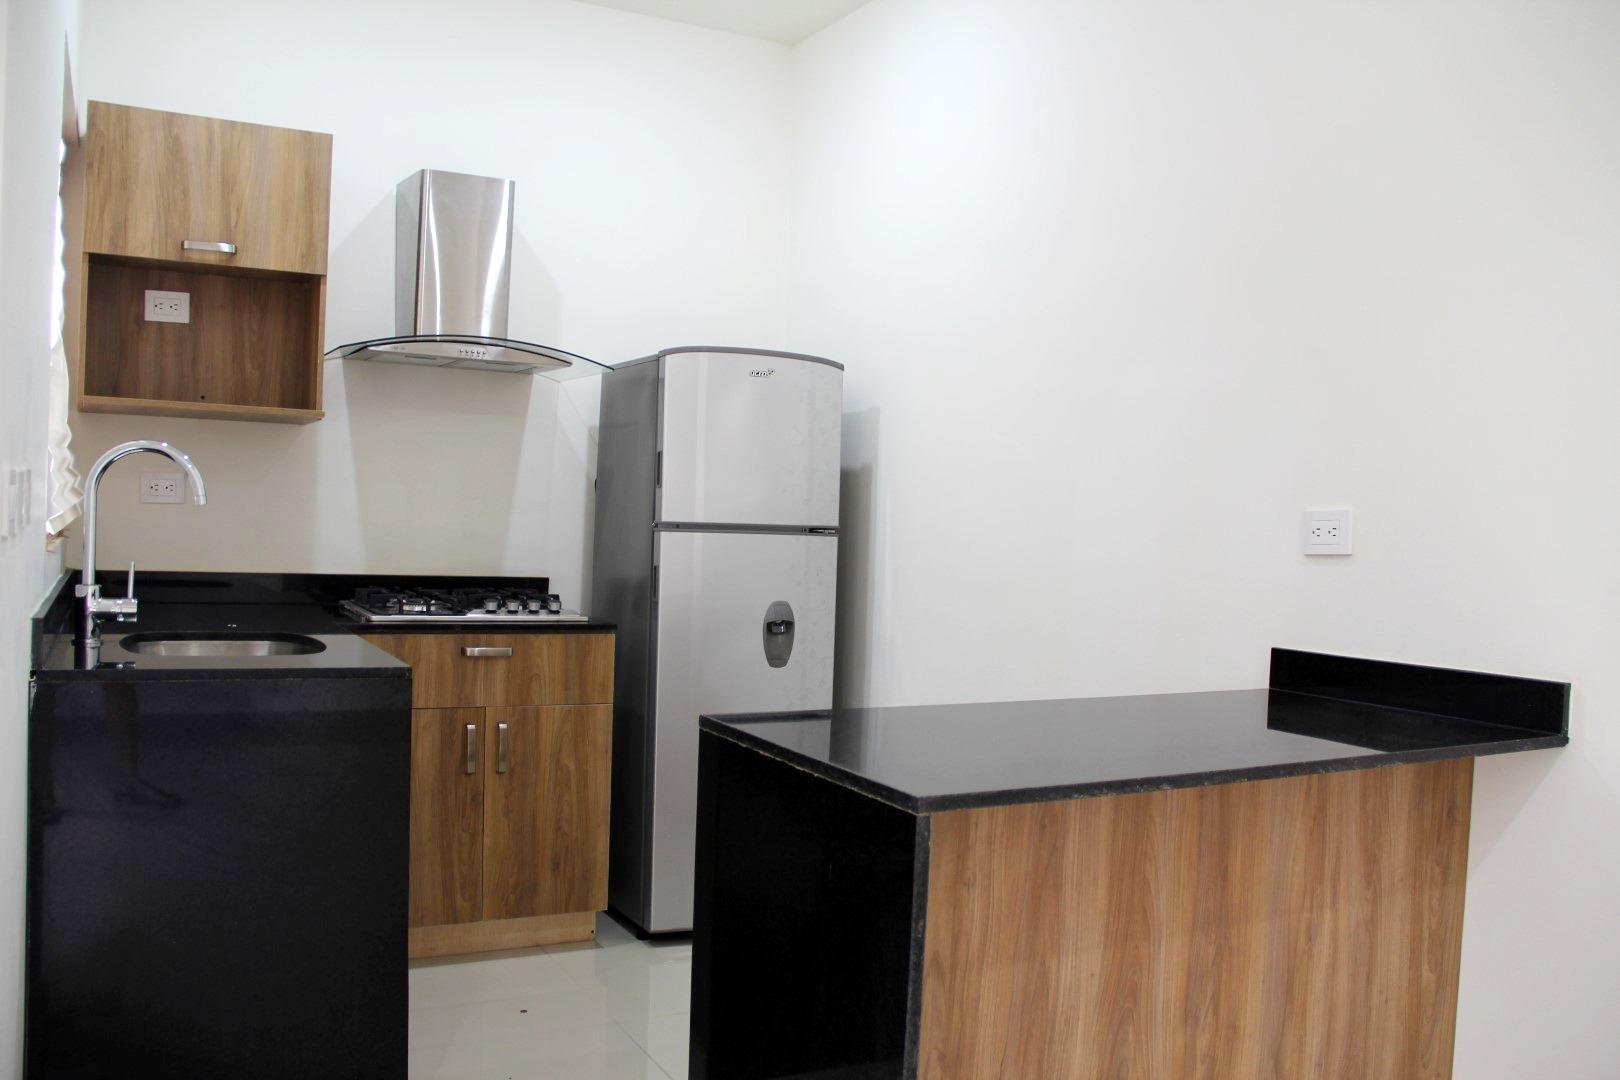 Kitchen with fridge, stove and range hood.